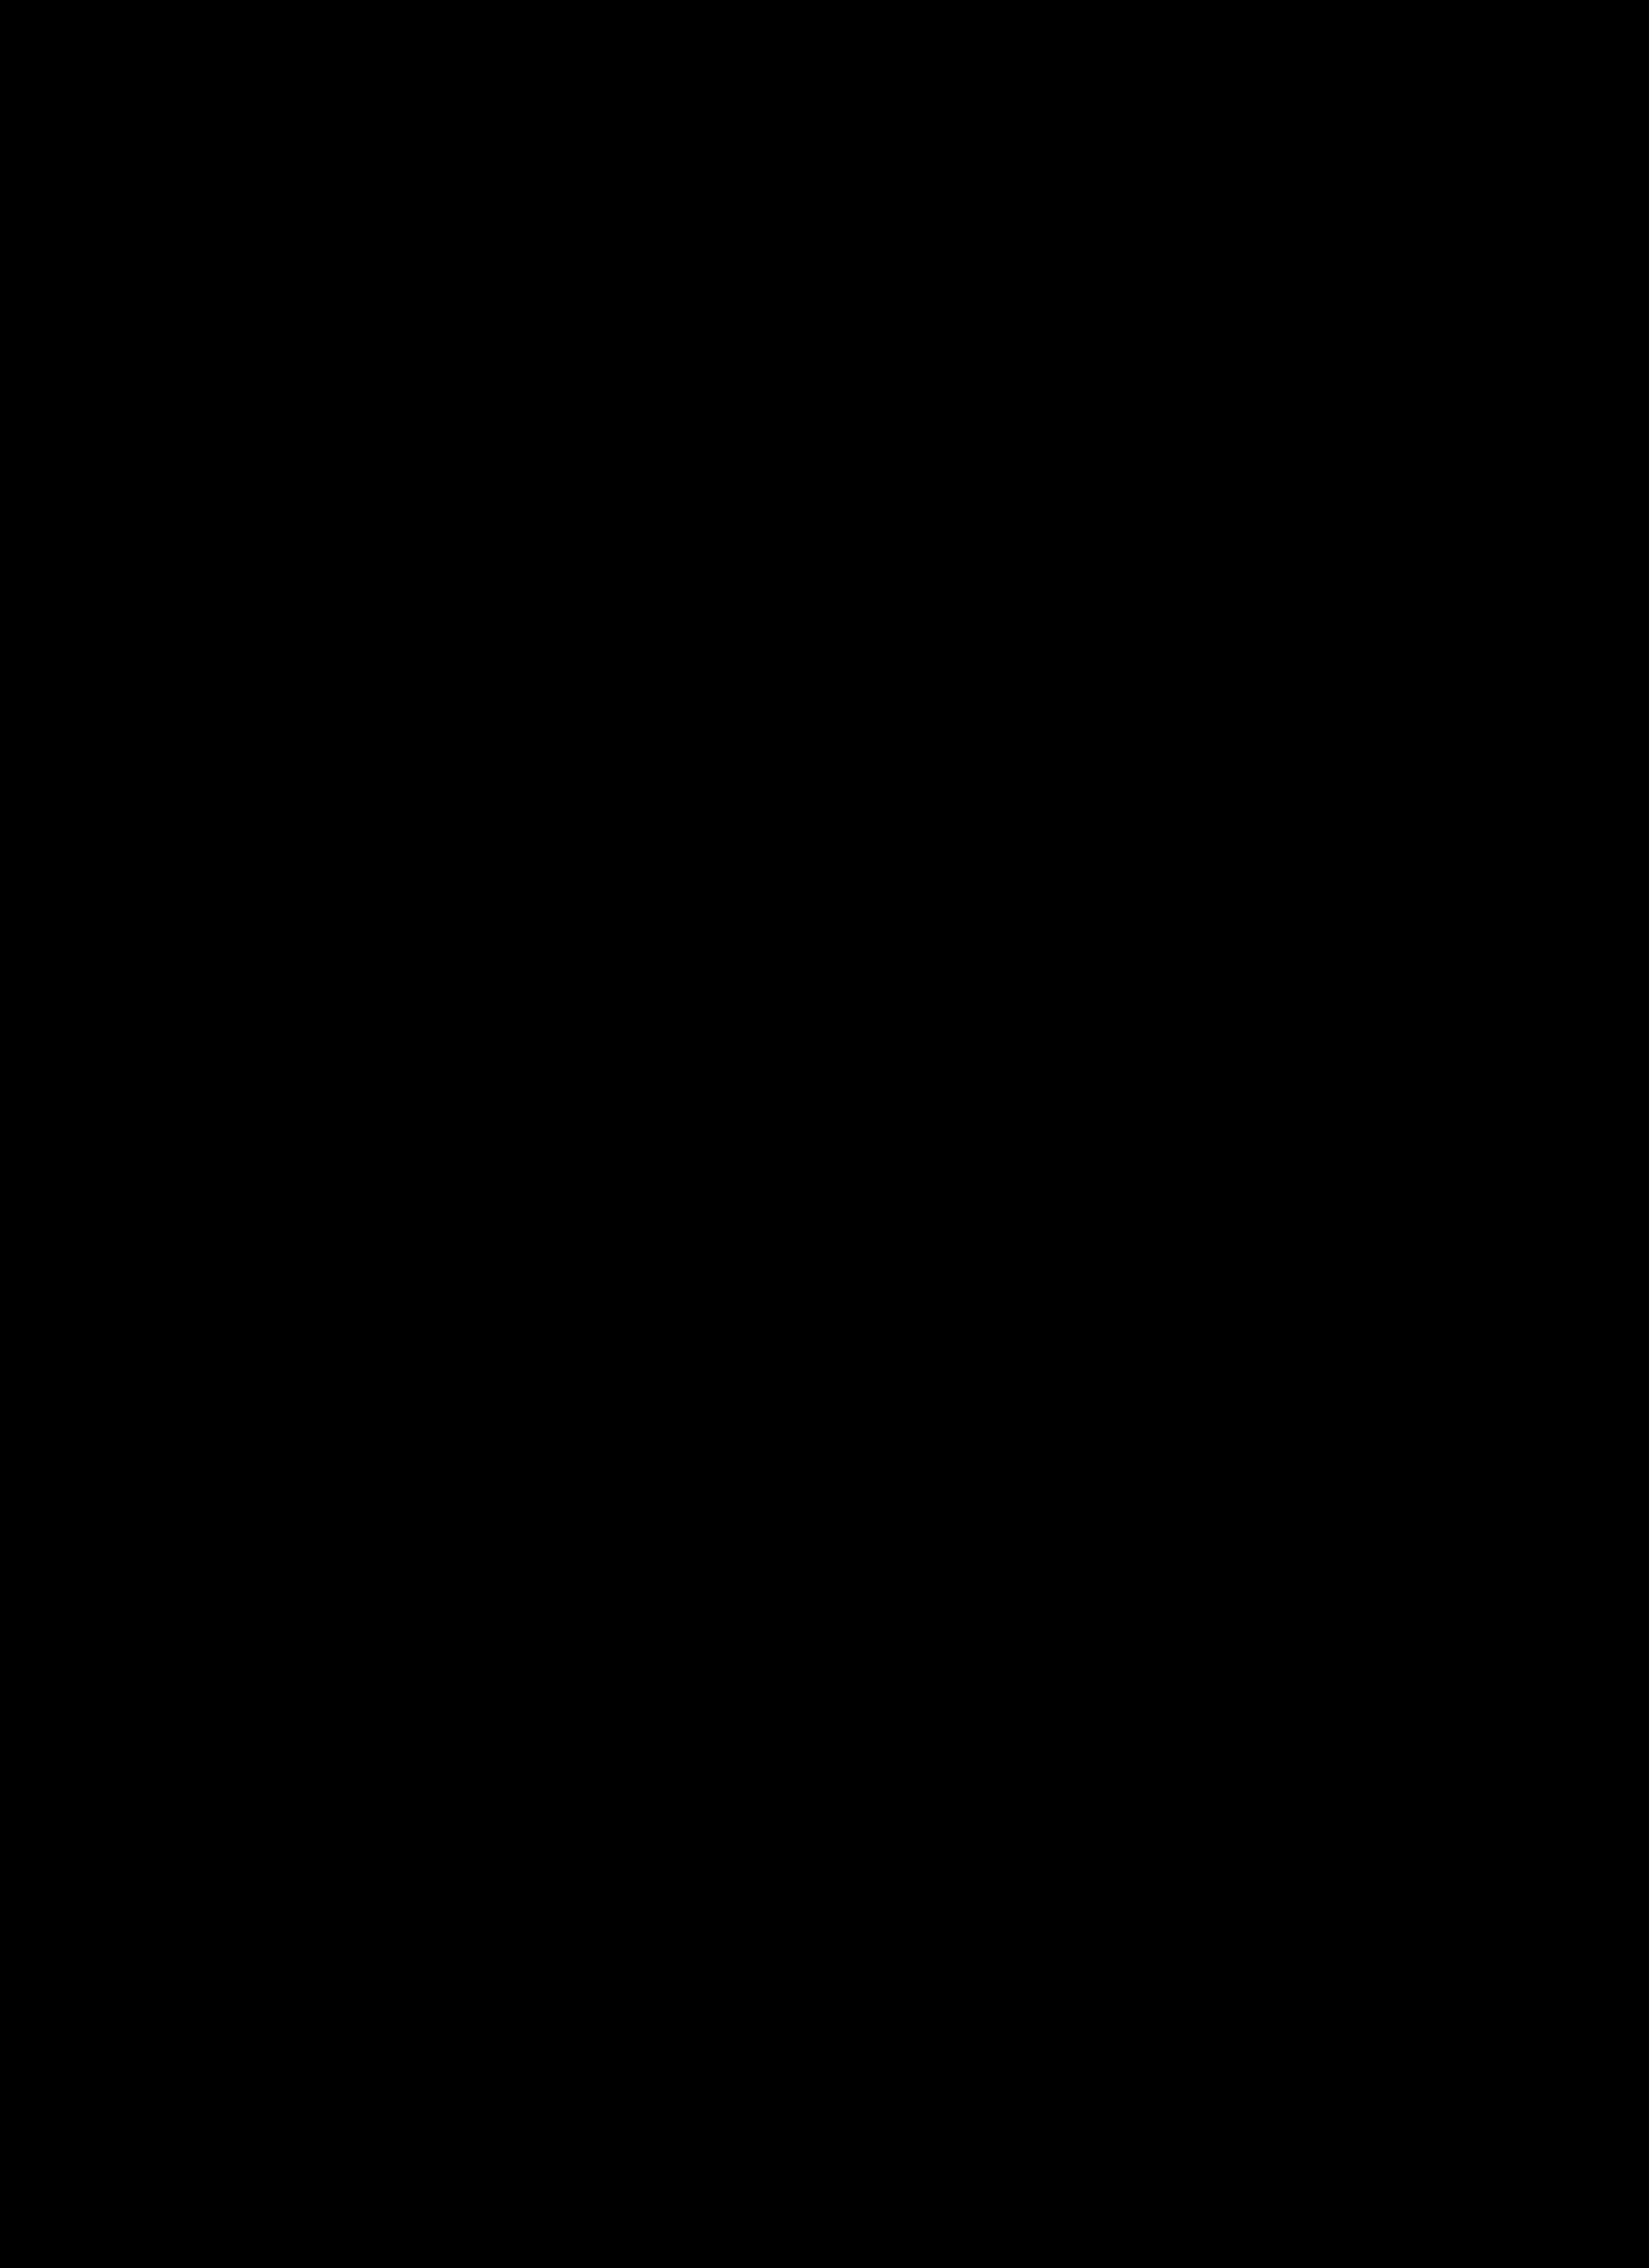 malamente_cover_05-2_pagina_1